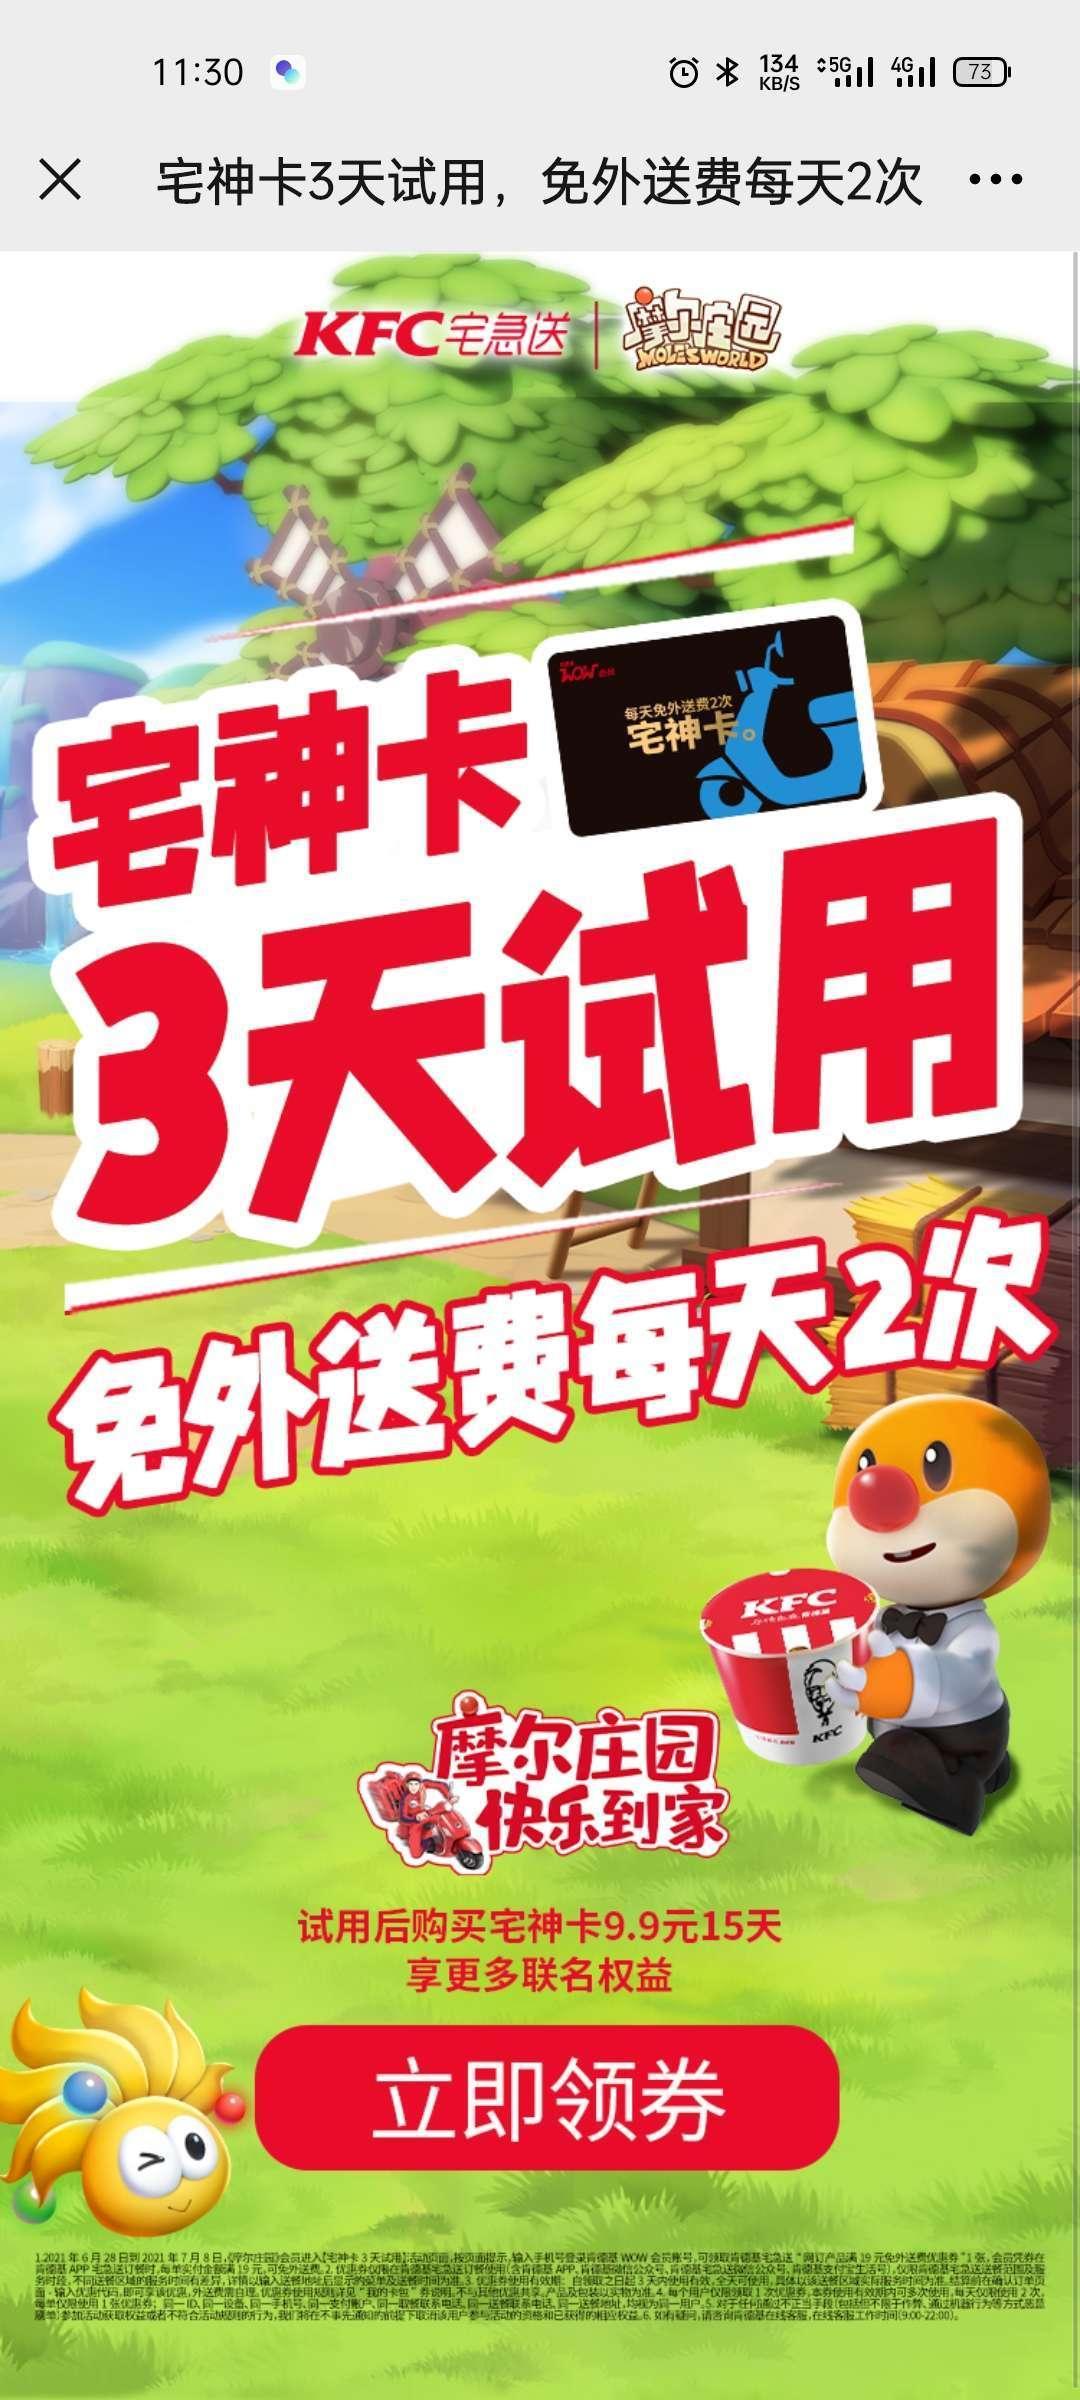 【虚拟物品】KFC摩尔庄园联合送3天肯德基宅神卡